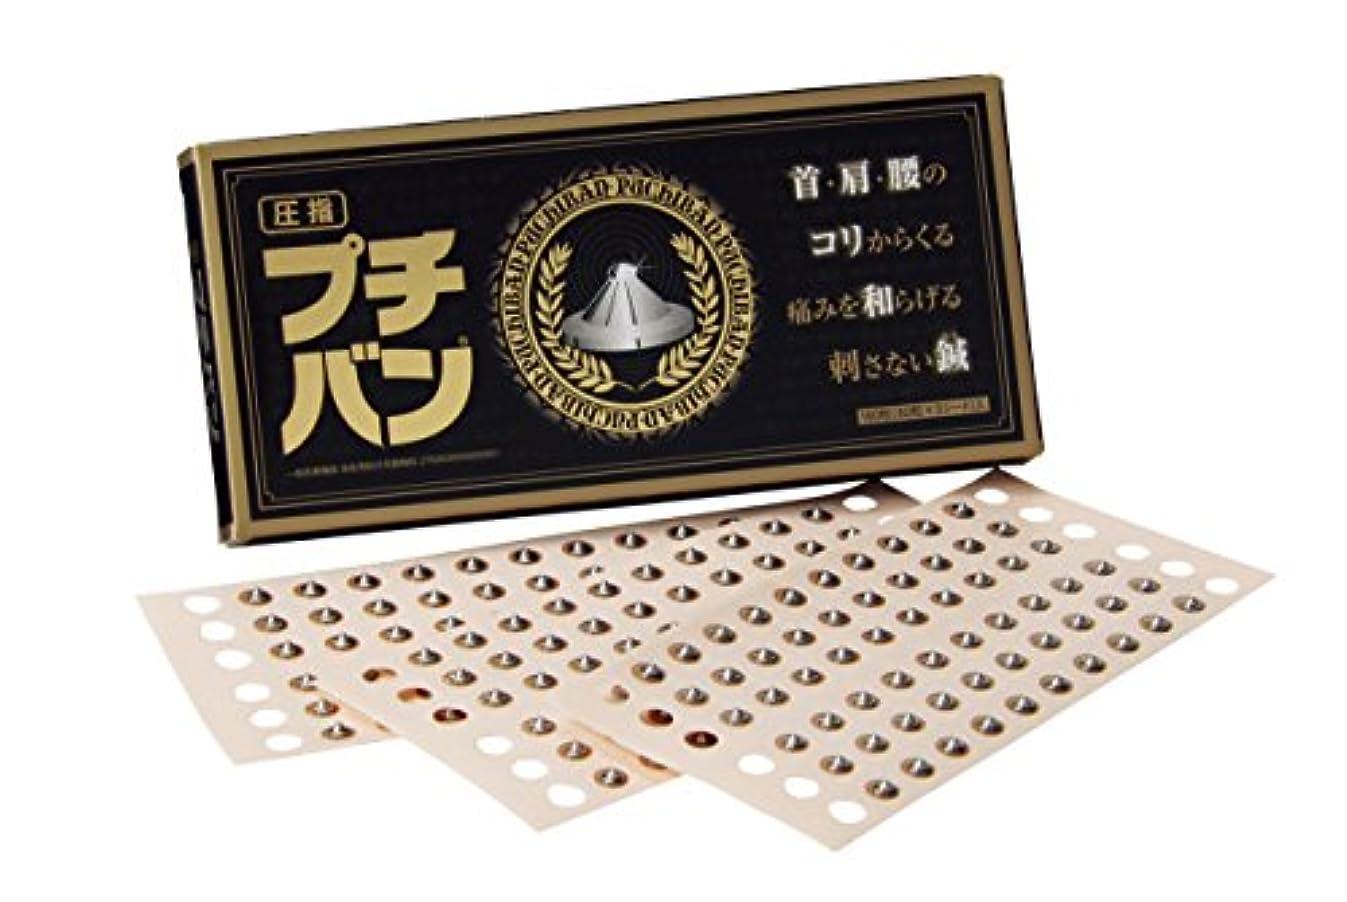 疼痛クーポンゴミ箱一般医療機器 家庭用貼付型接触粒 プチバン 180粒入 黒金パッケージ